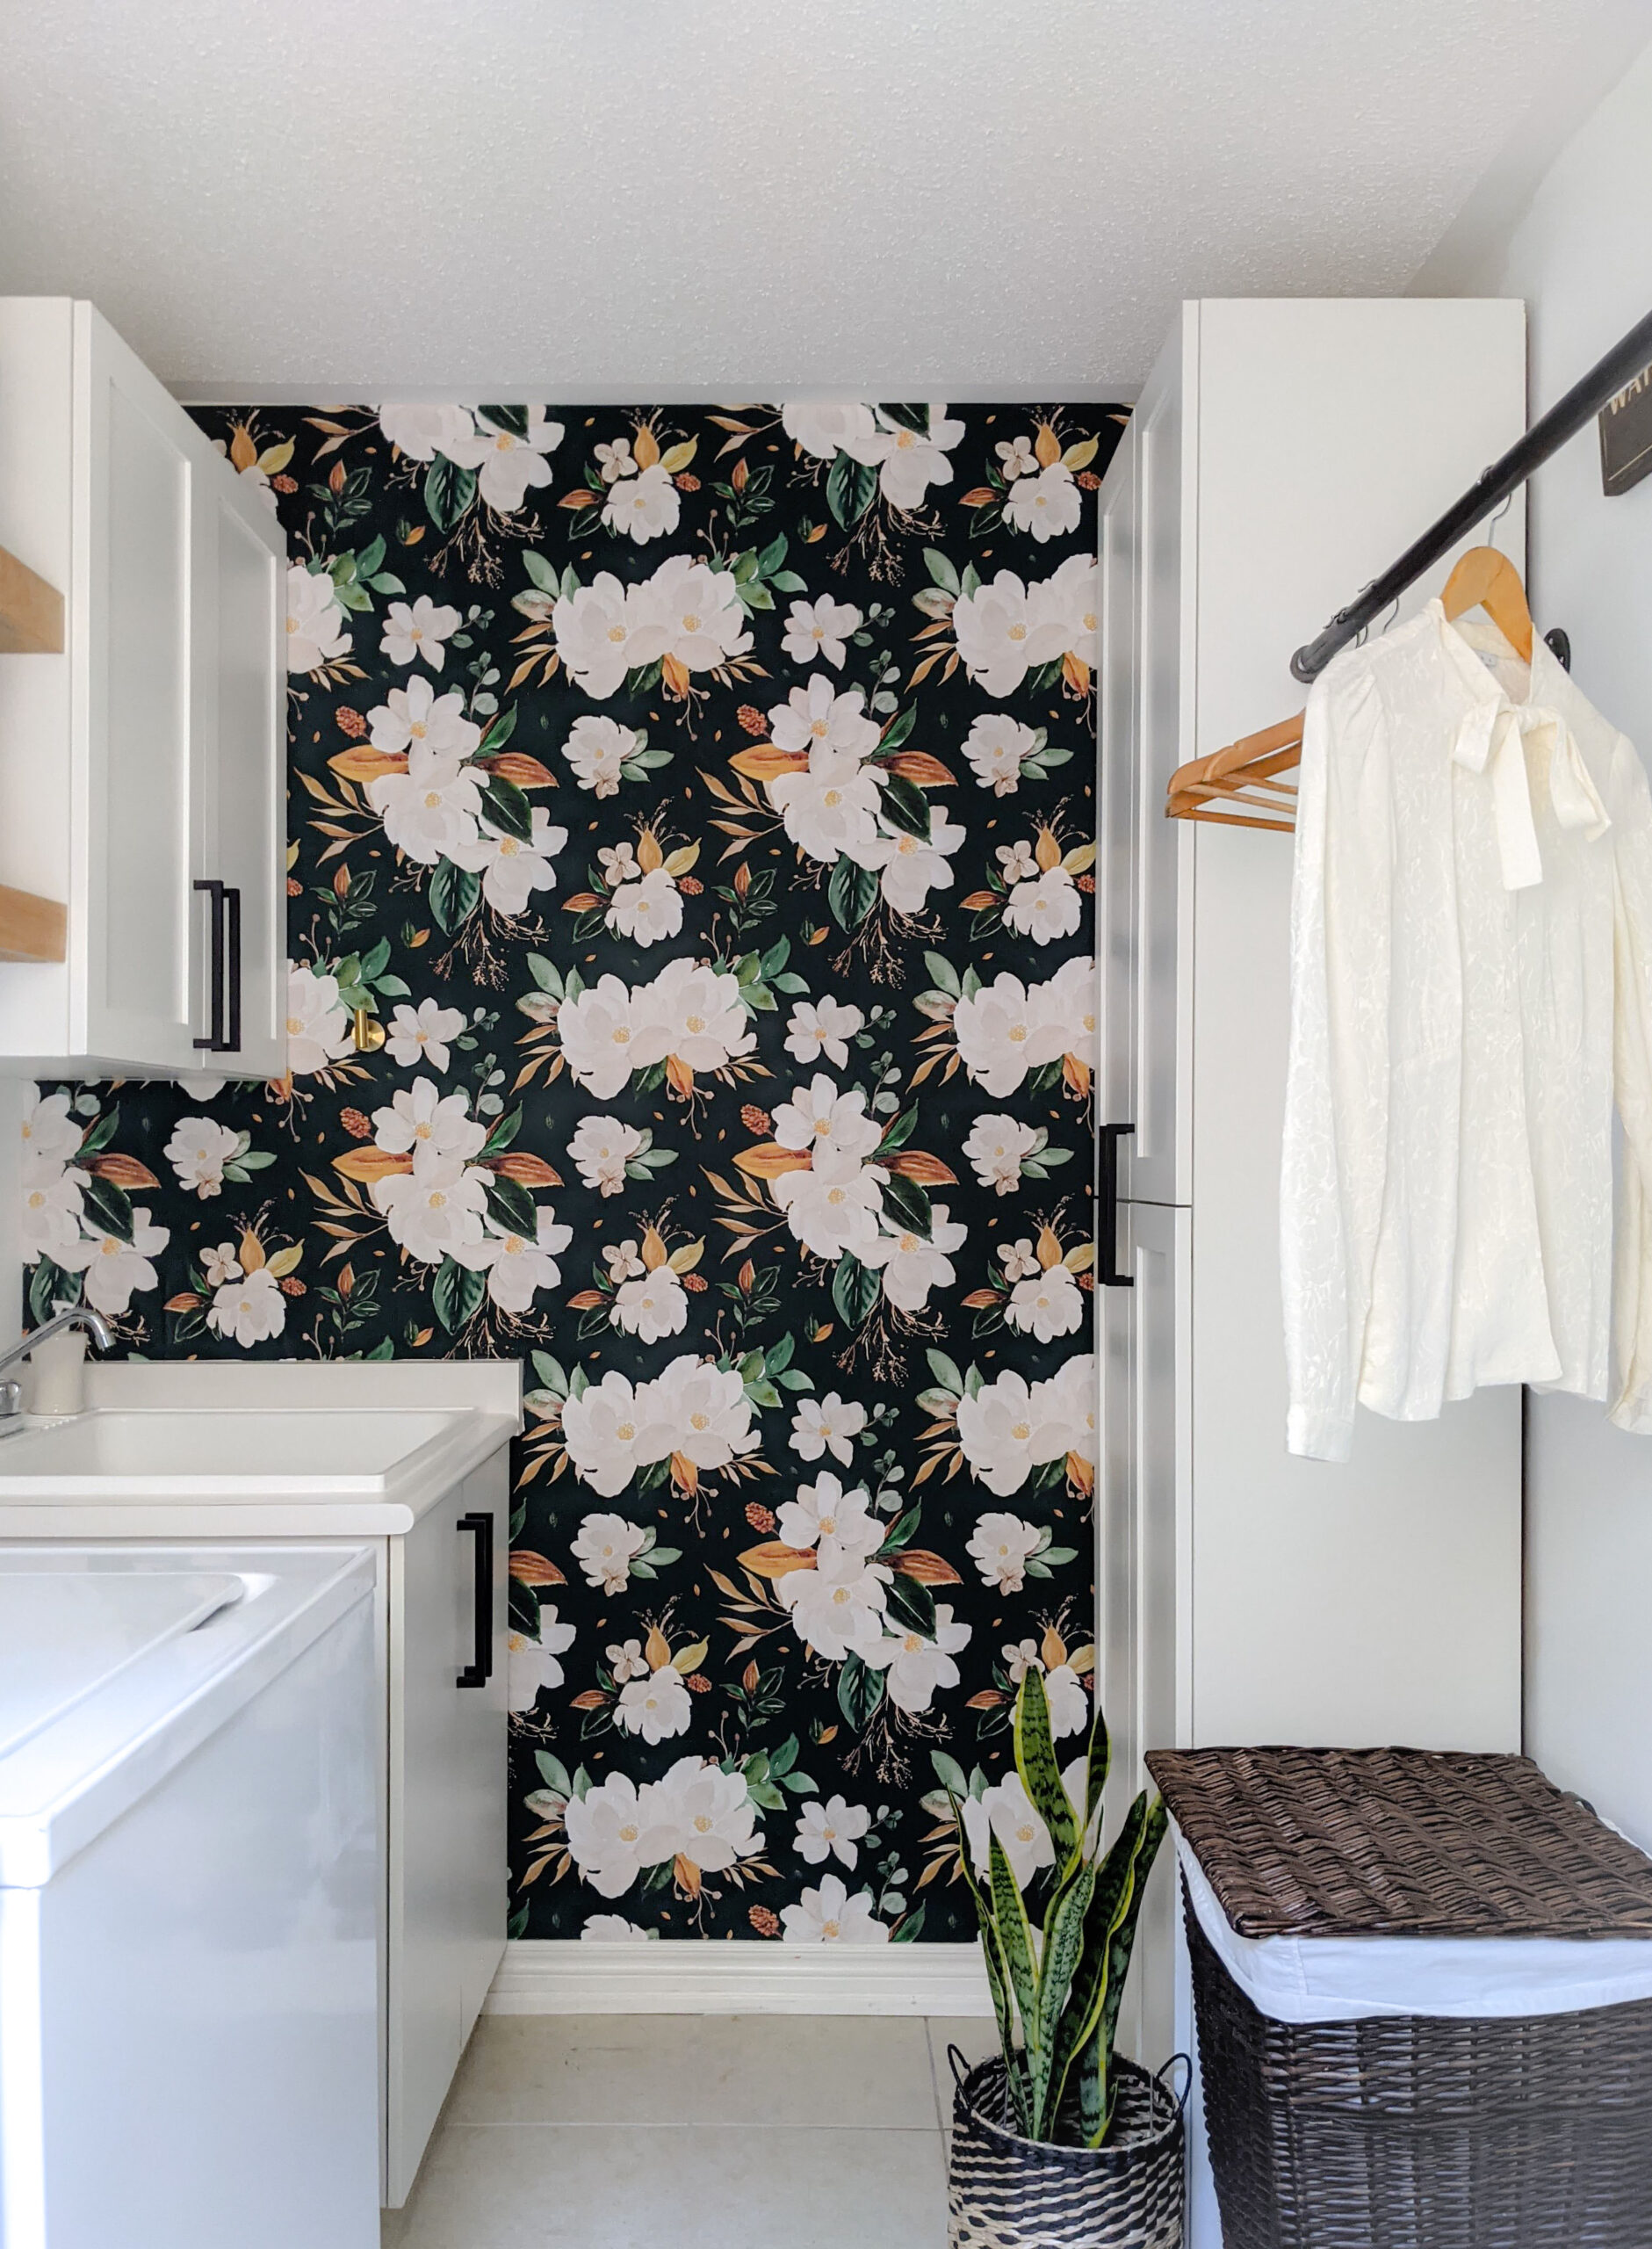 Waschküche mit einer floralen Tapete